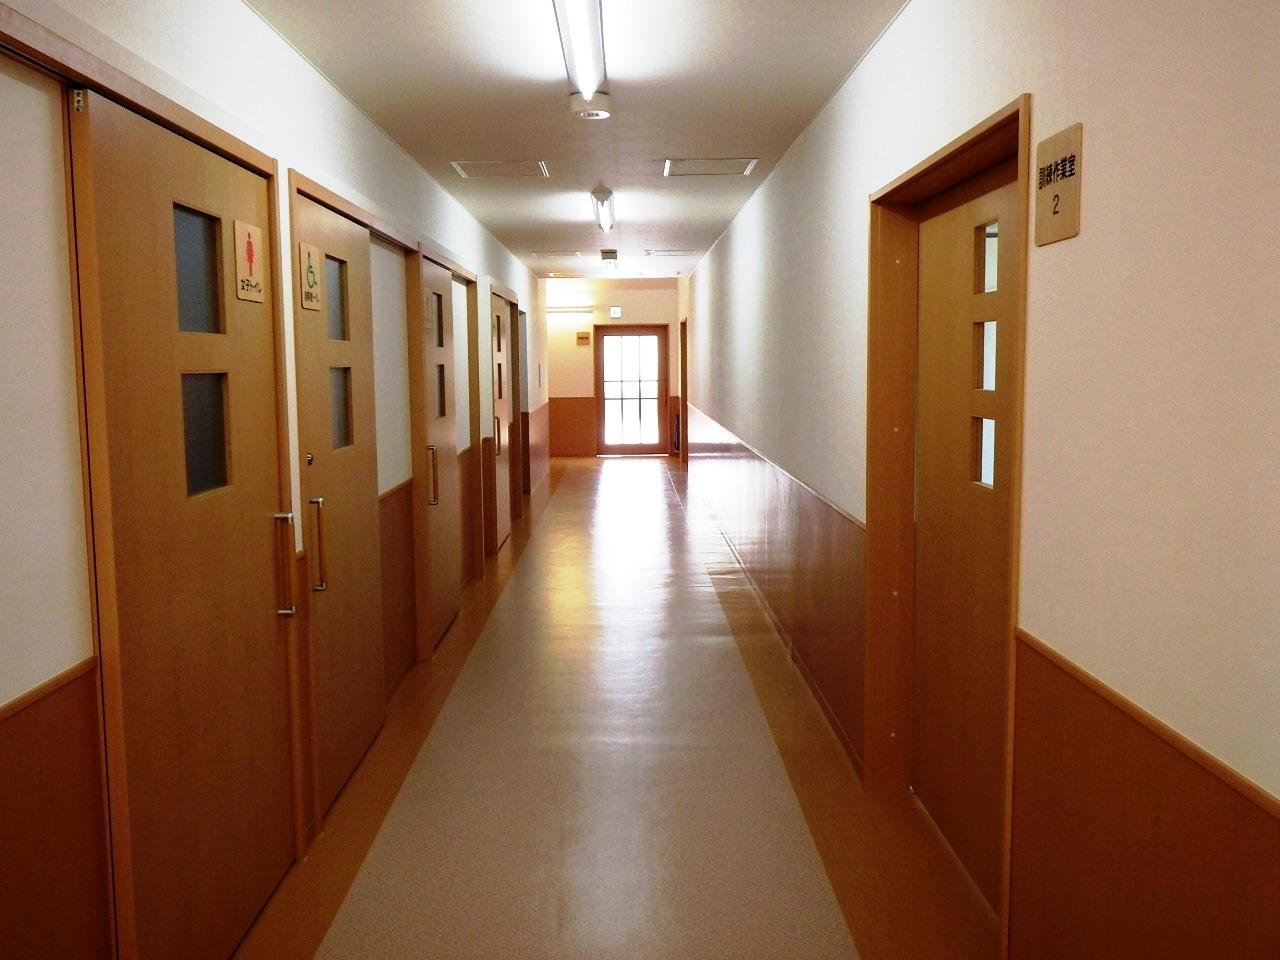 北の峯学園・廊下